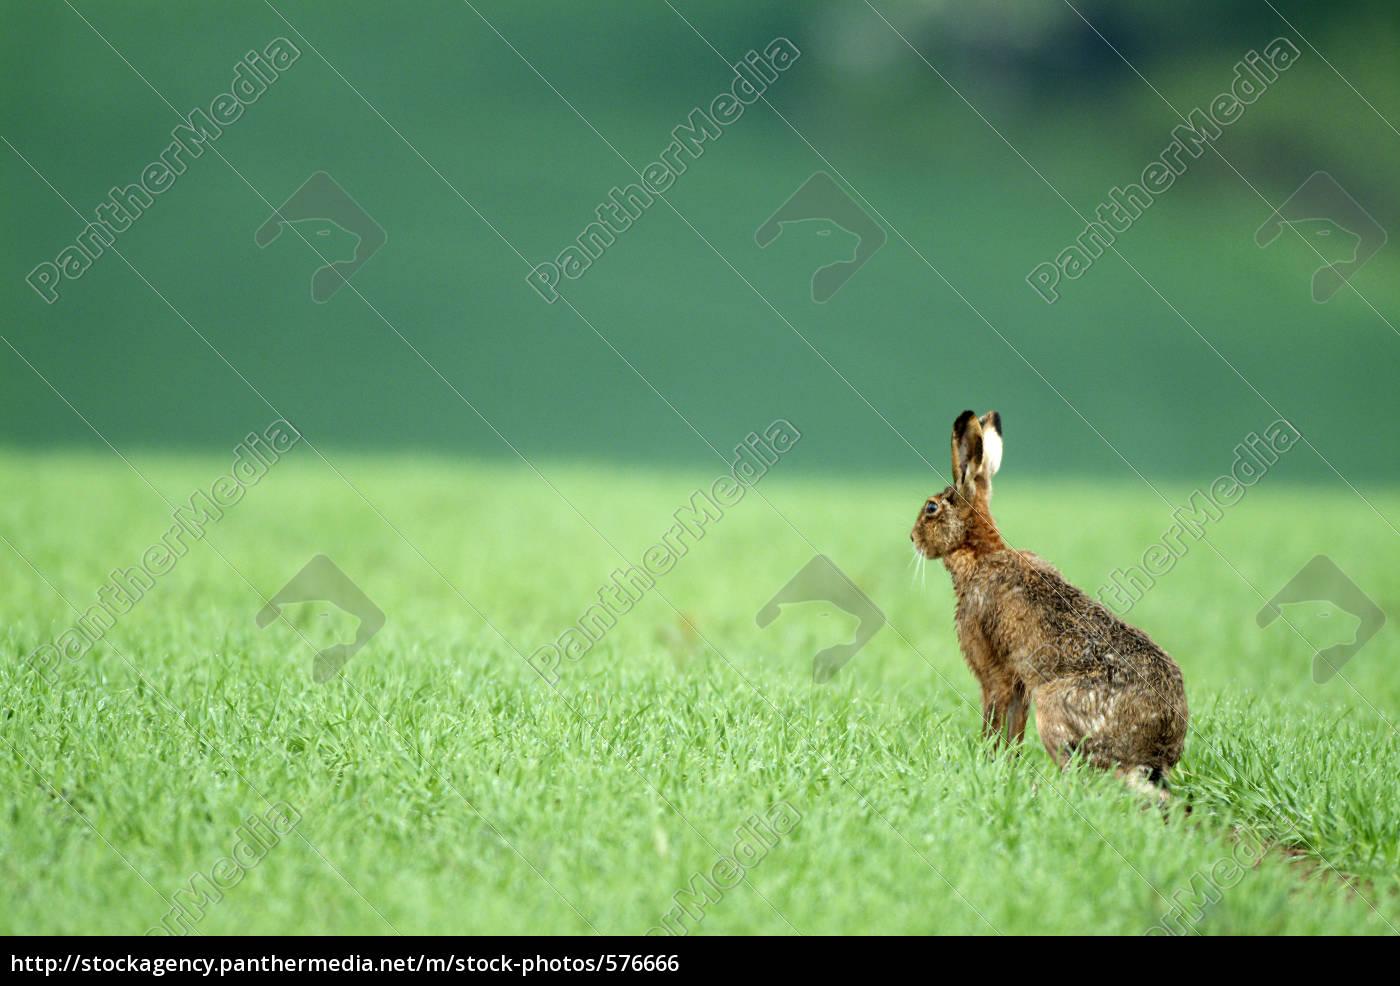 hare - 576666